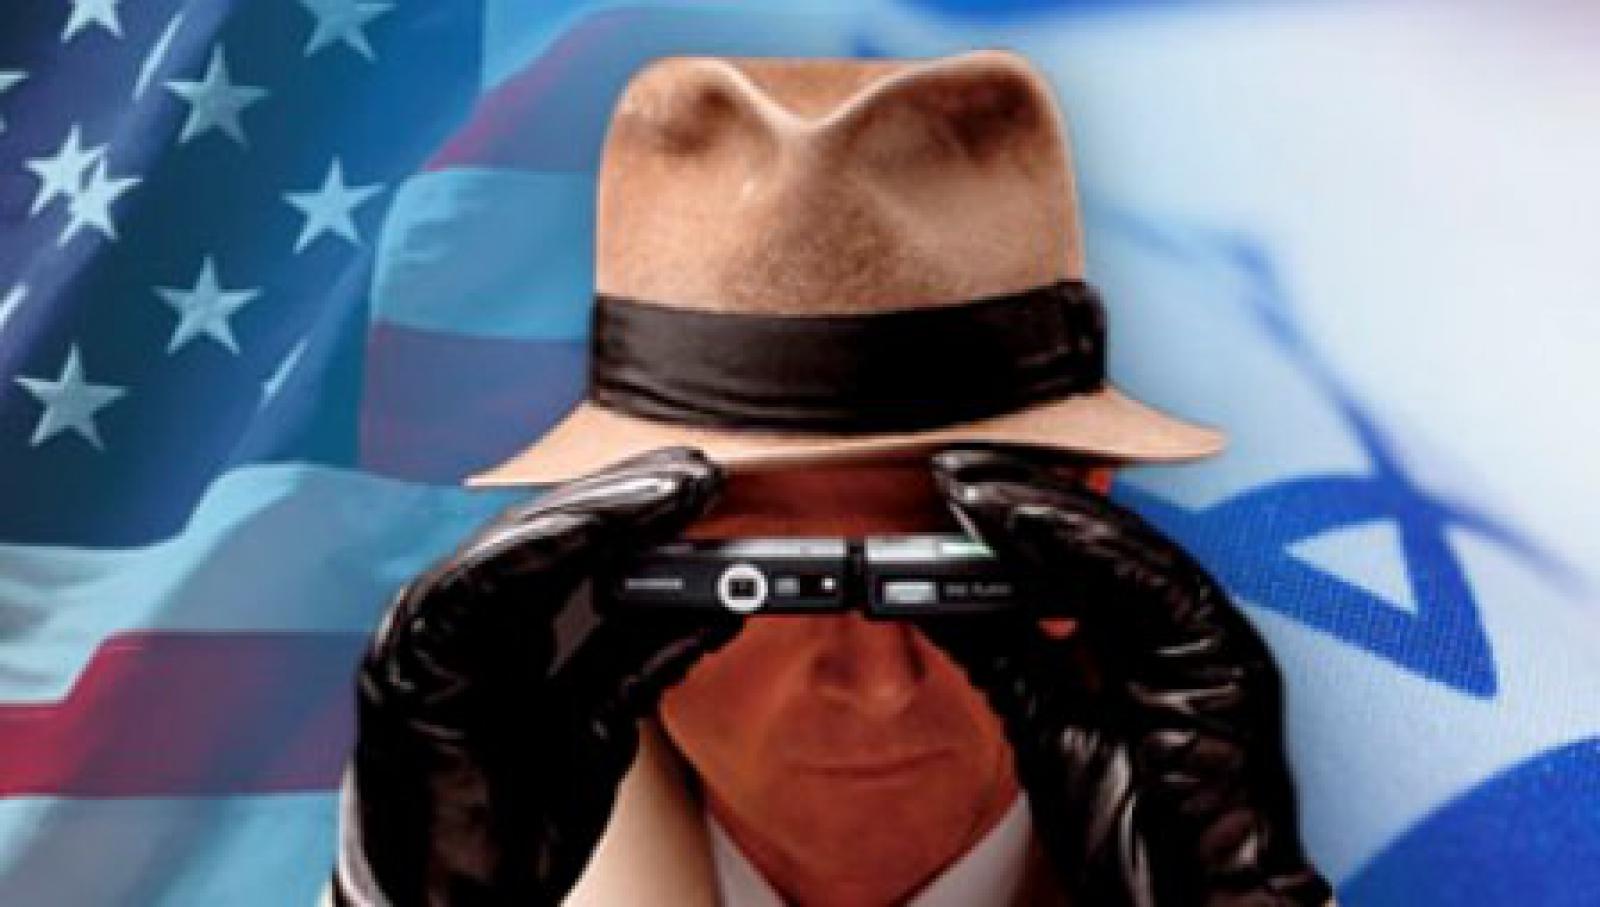 днём картинки американский шпион можно определить, какие